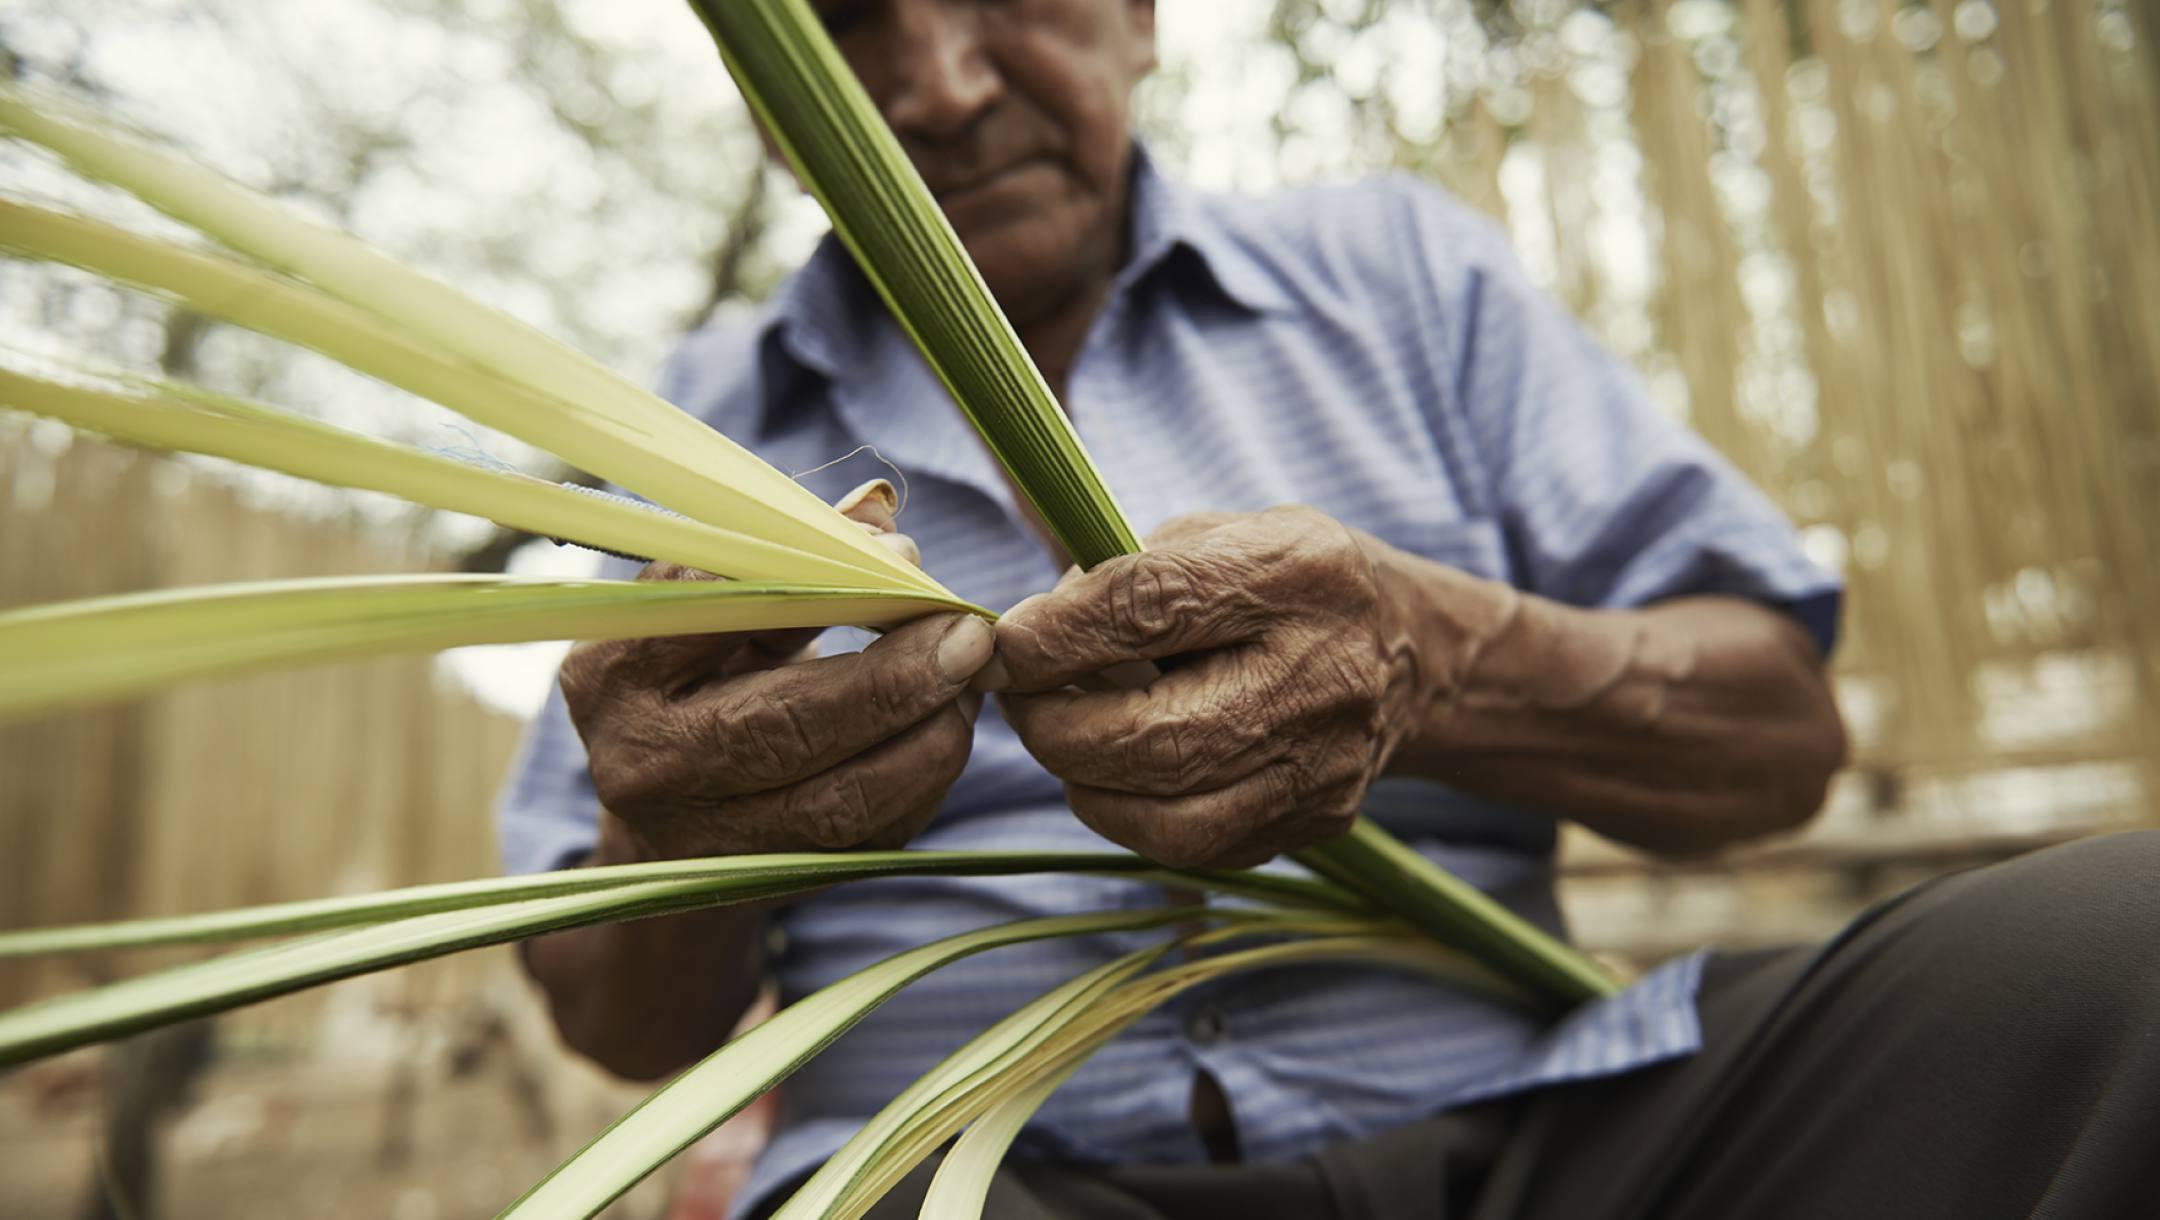 toutes les étapes du panama sont fait à la main